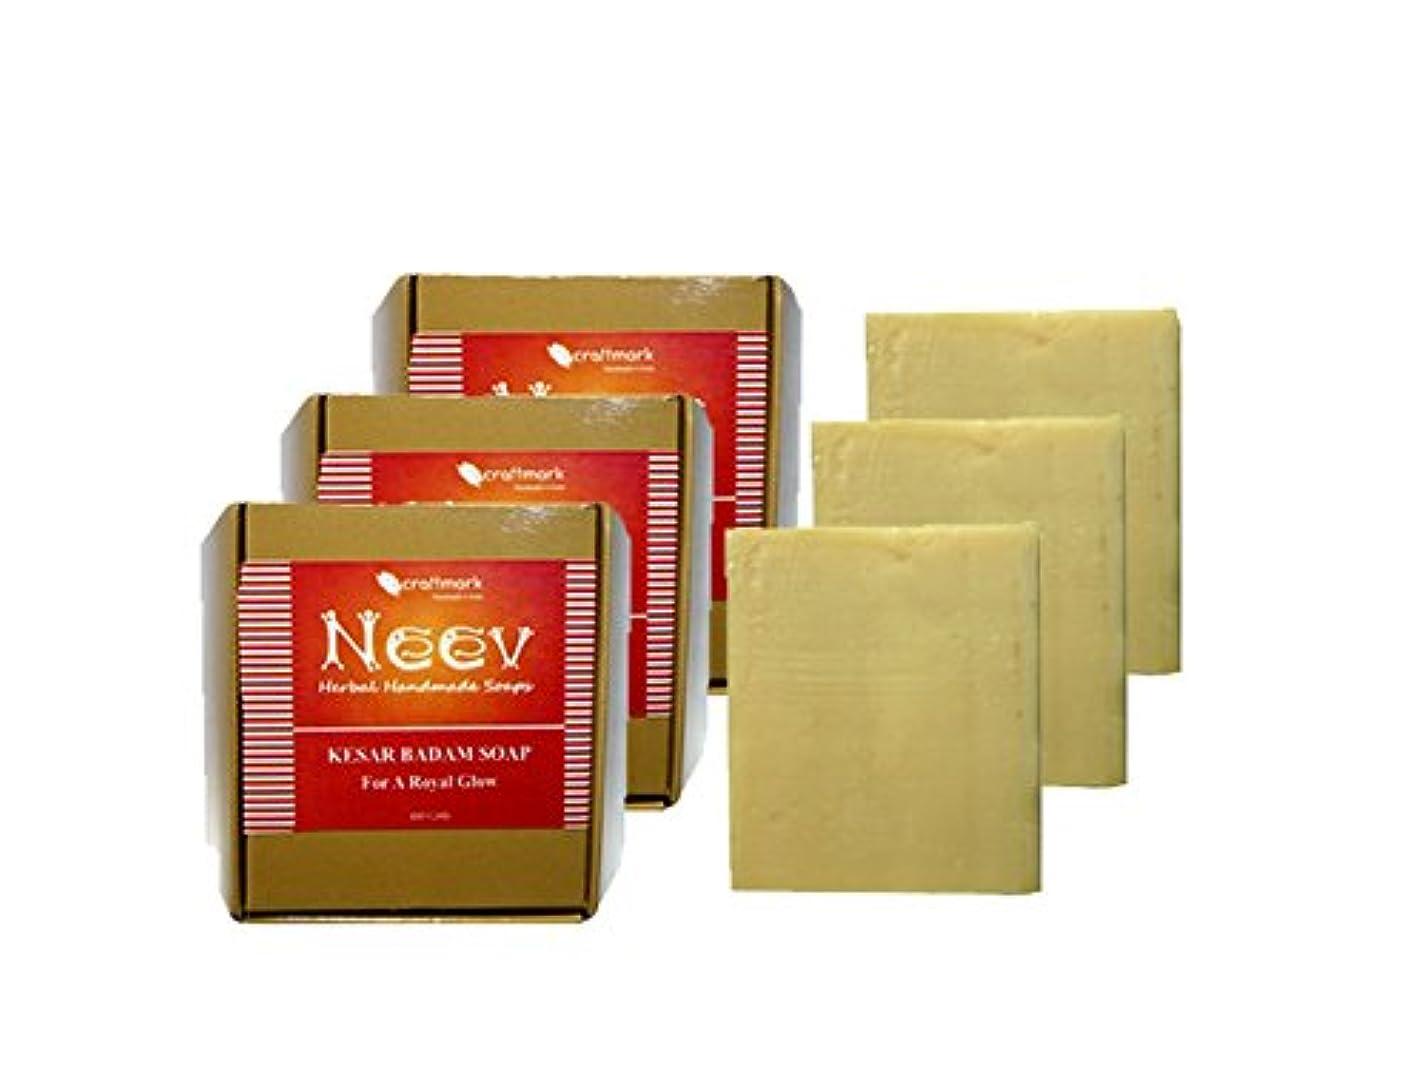 あそこと遊ぶ保証金手作り ニーブ カサル バダム ソープ NEEV Herbal Kesar Badam SOAP For A Royal Glow 3個セット